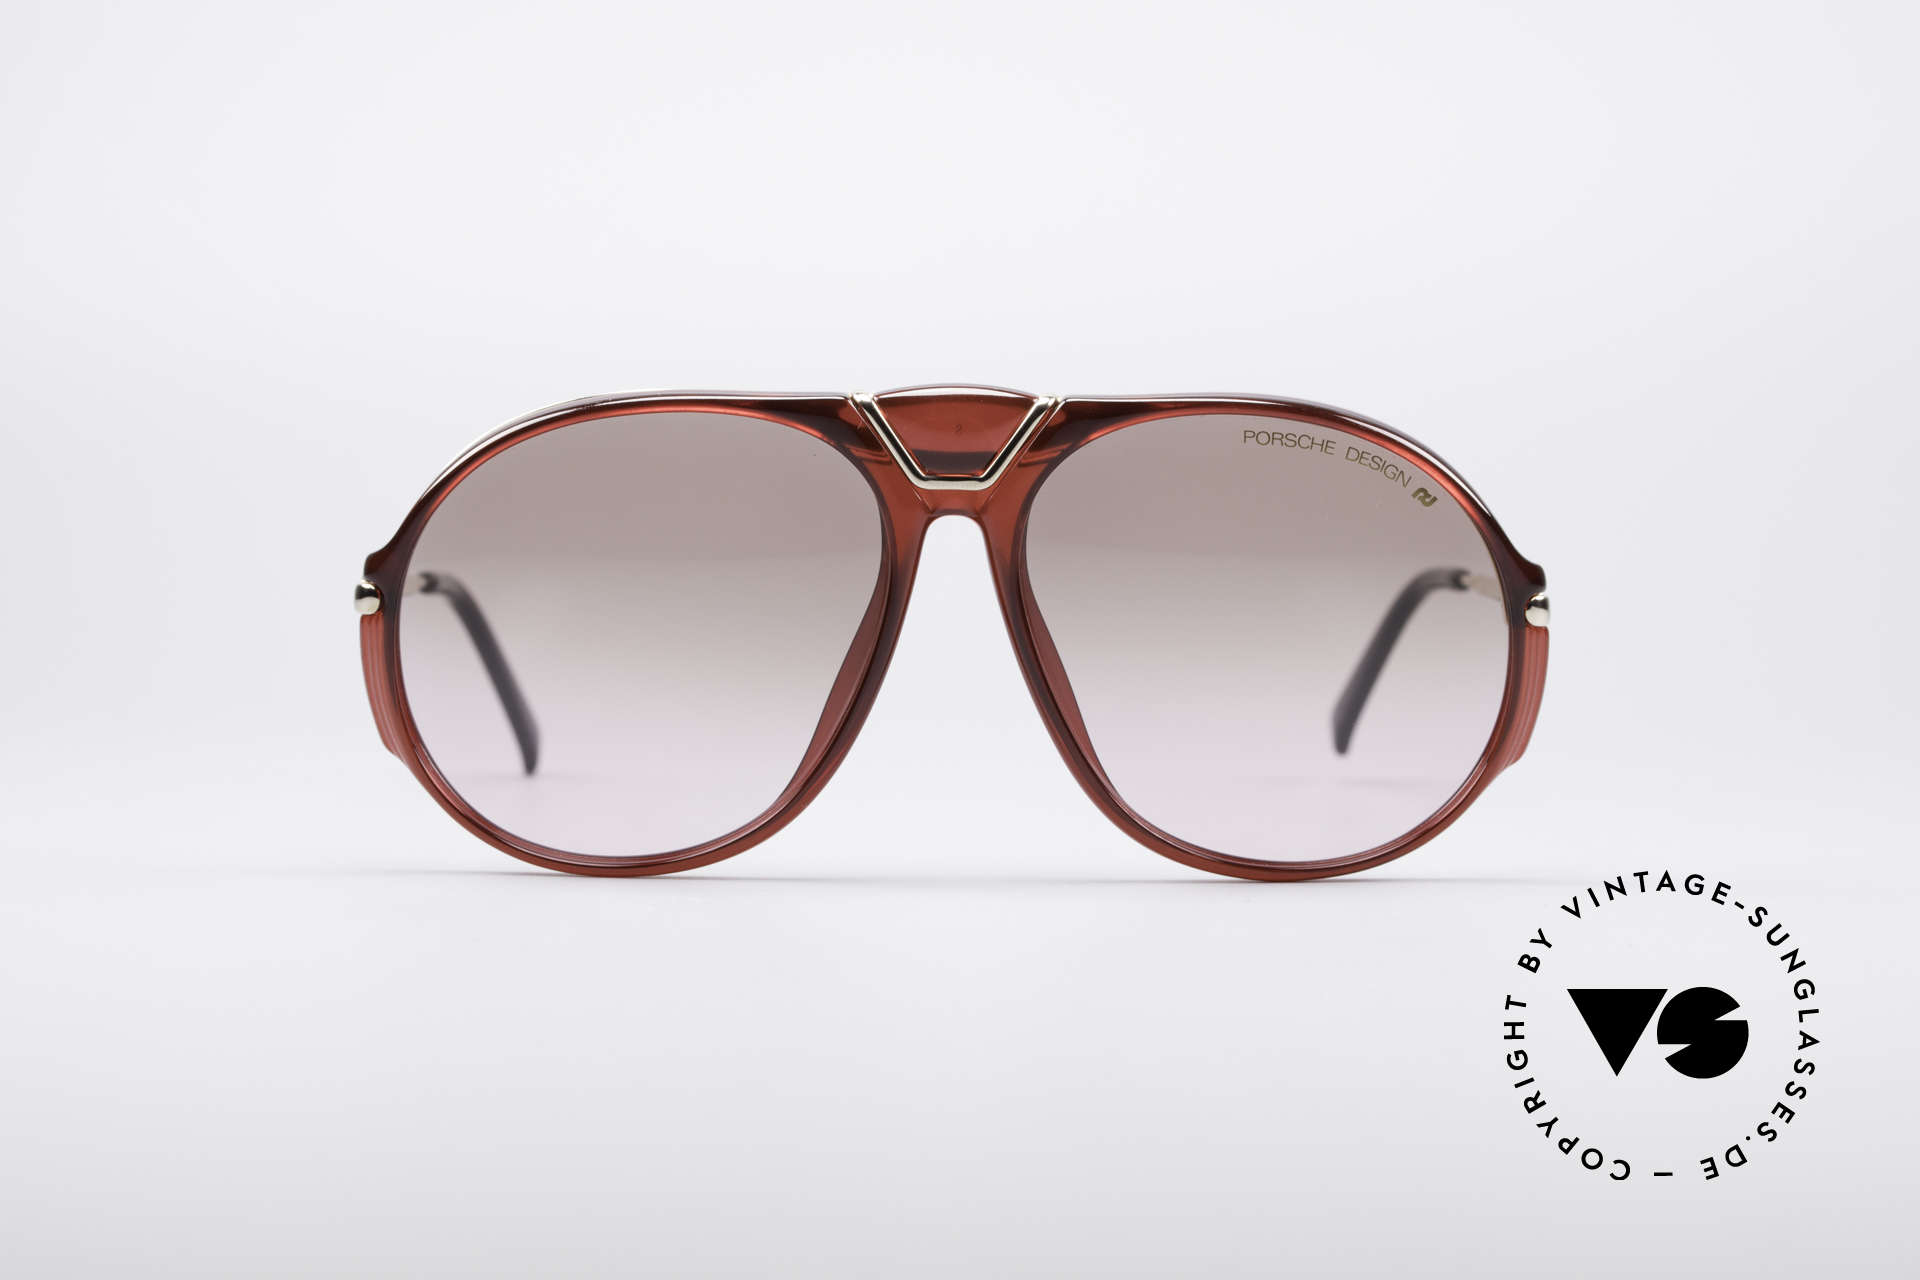 31de899162 Sunglasses Porsche 5659 Interchangeable Polarized